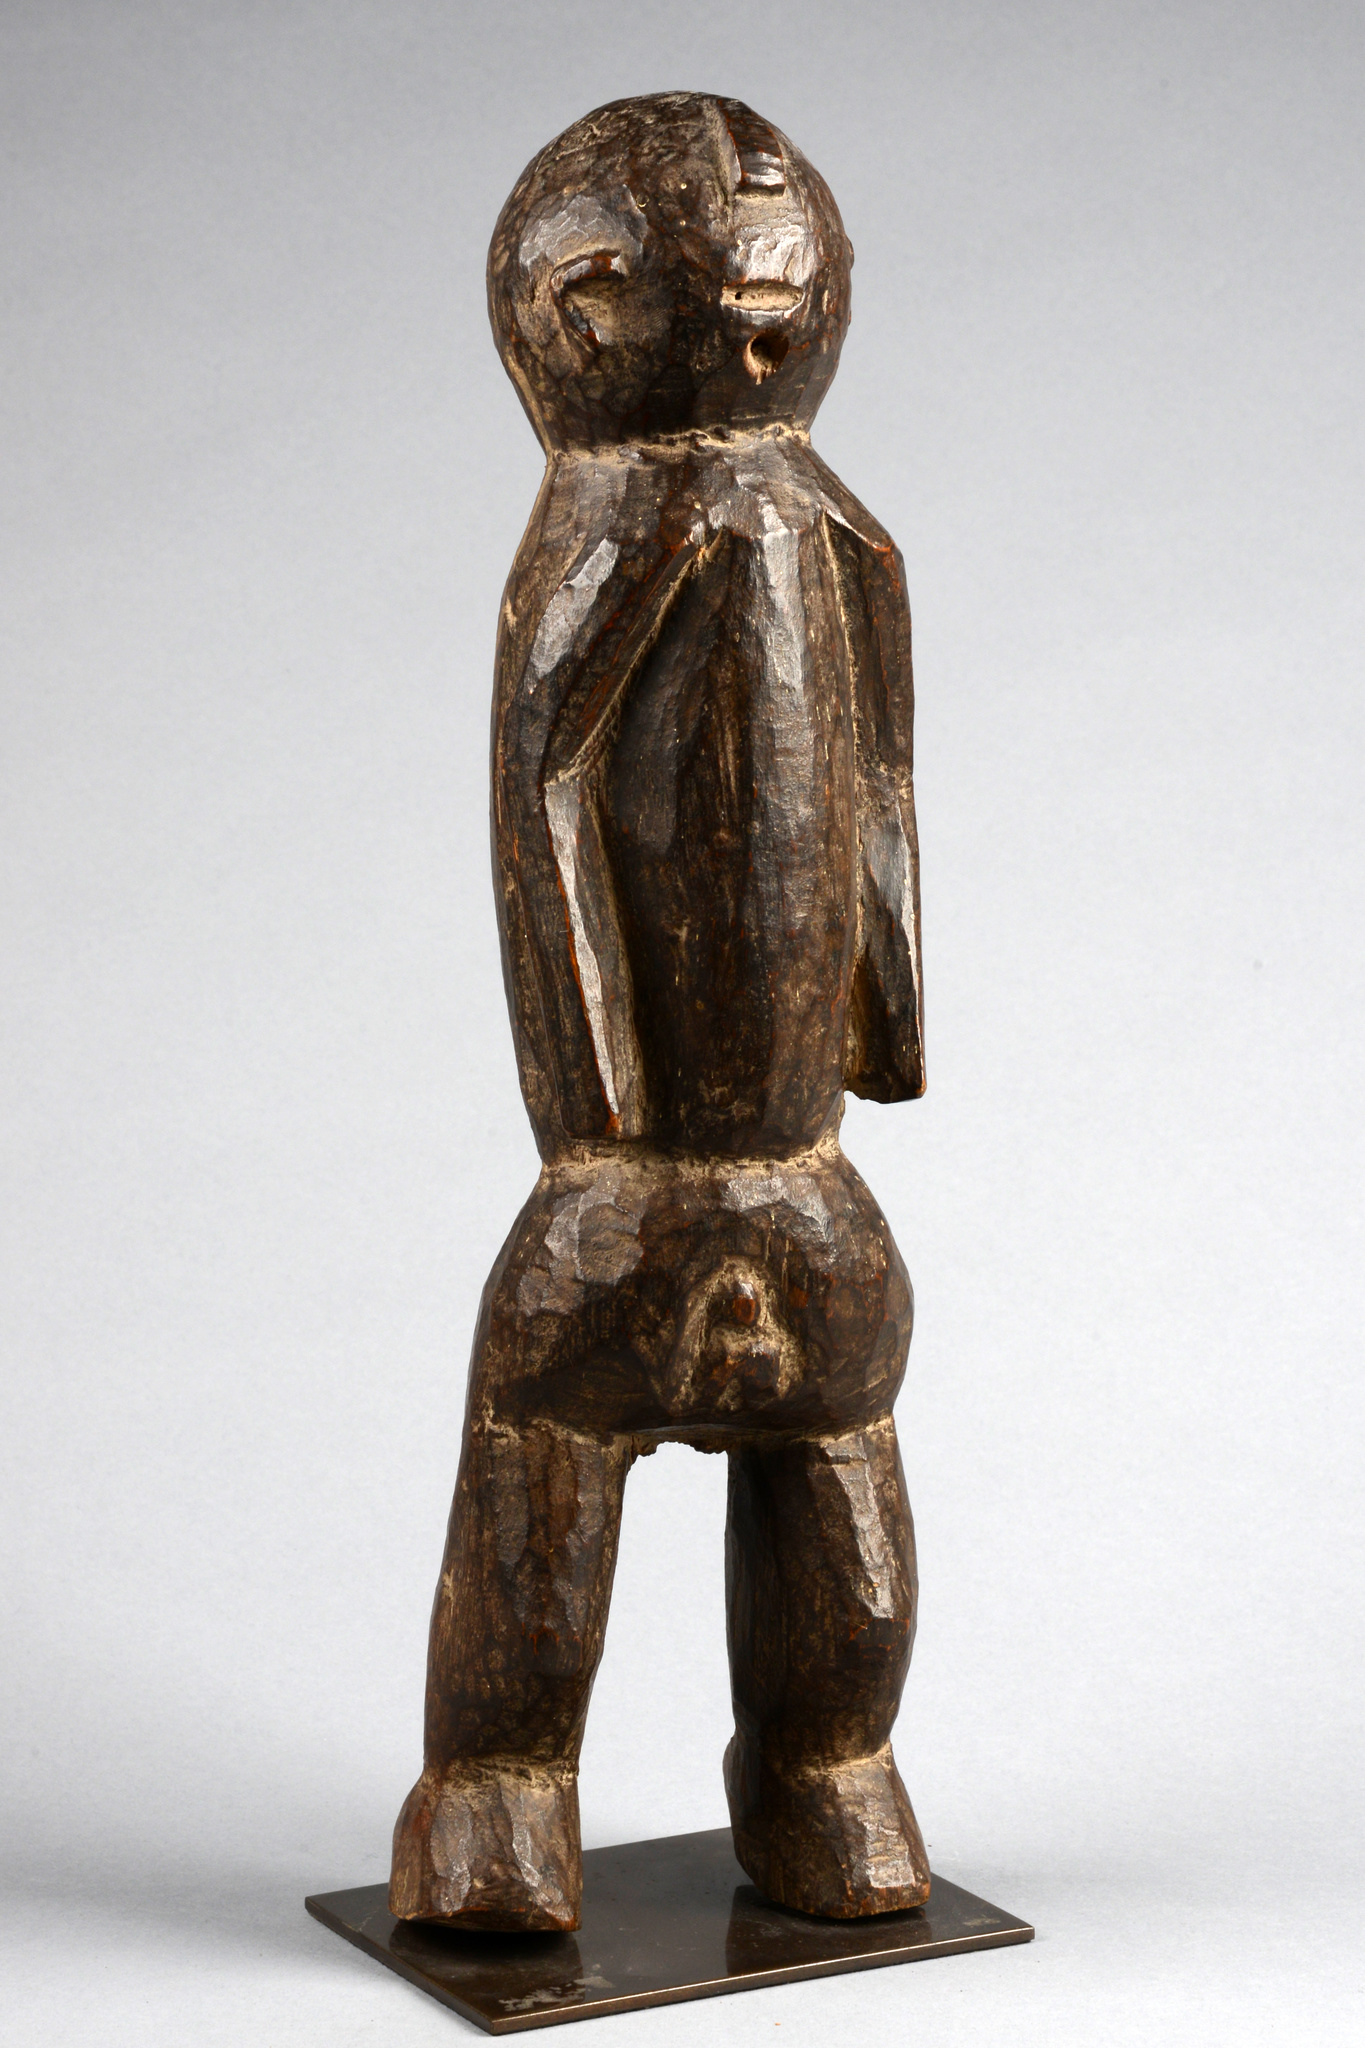 Stehende männliche Figur